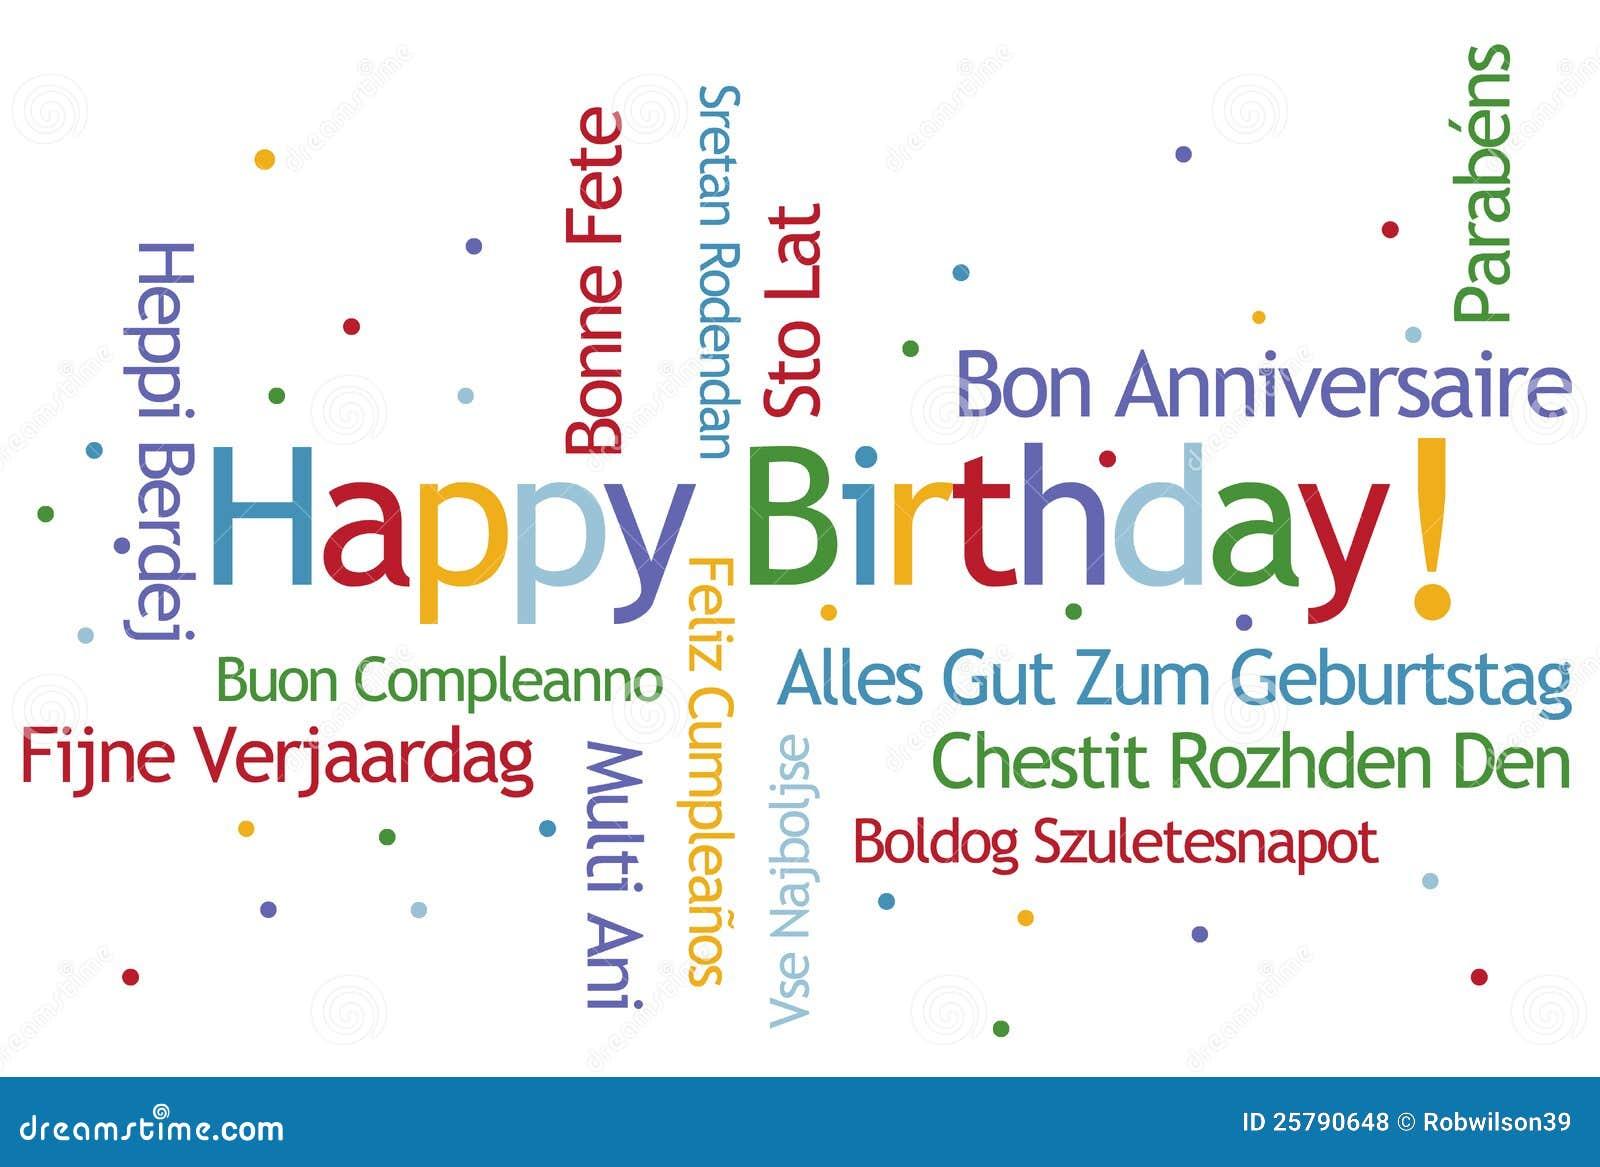 Griechisch Alles Gute Zum Geburtstag 82 Zum Geburtstag Wunsche Ich